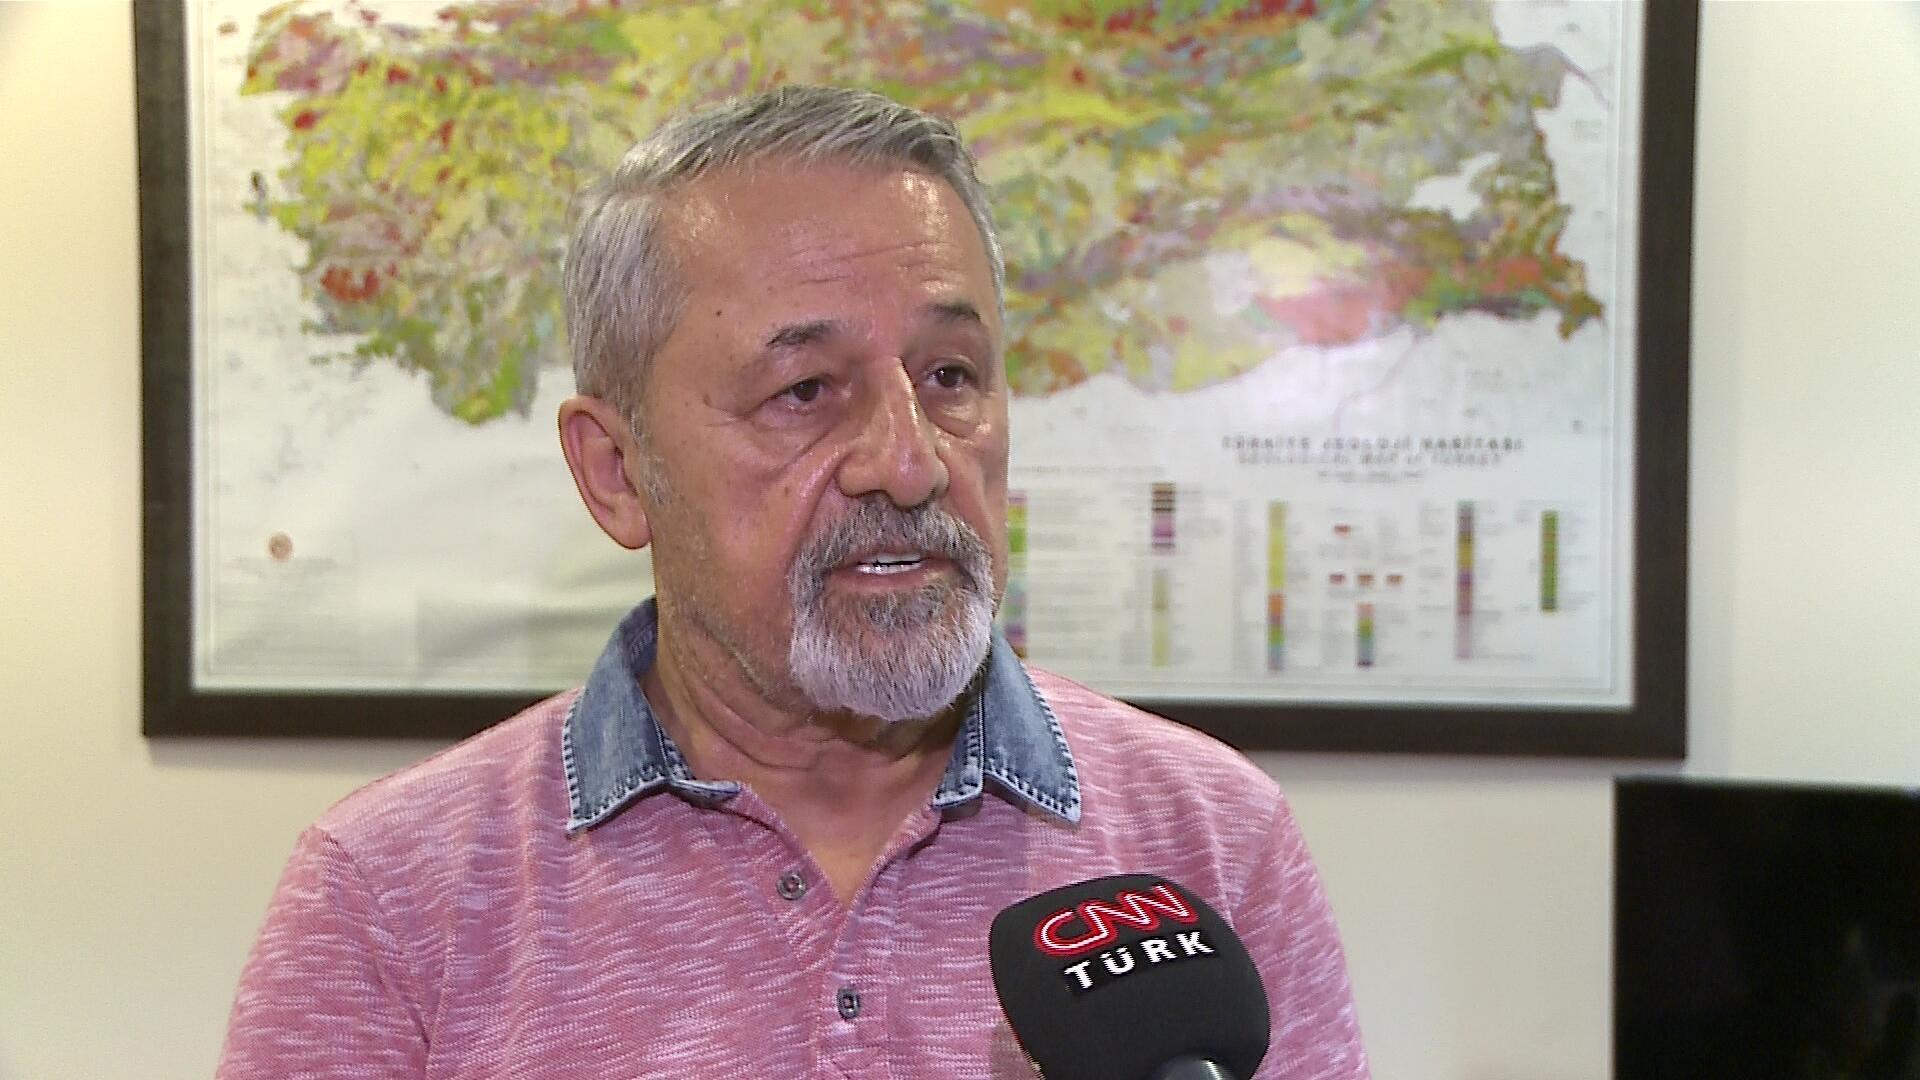 Malatya'daki deprem panik yarattı! Prof. Dr. Naci Görür, çarpıcı uyarıyı yaptı: Ciddi bir deprem bekliyoruz